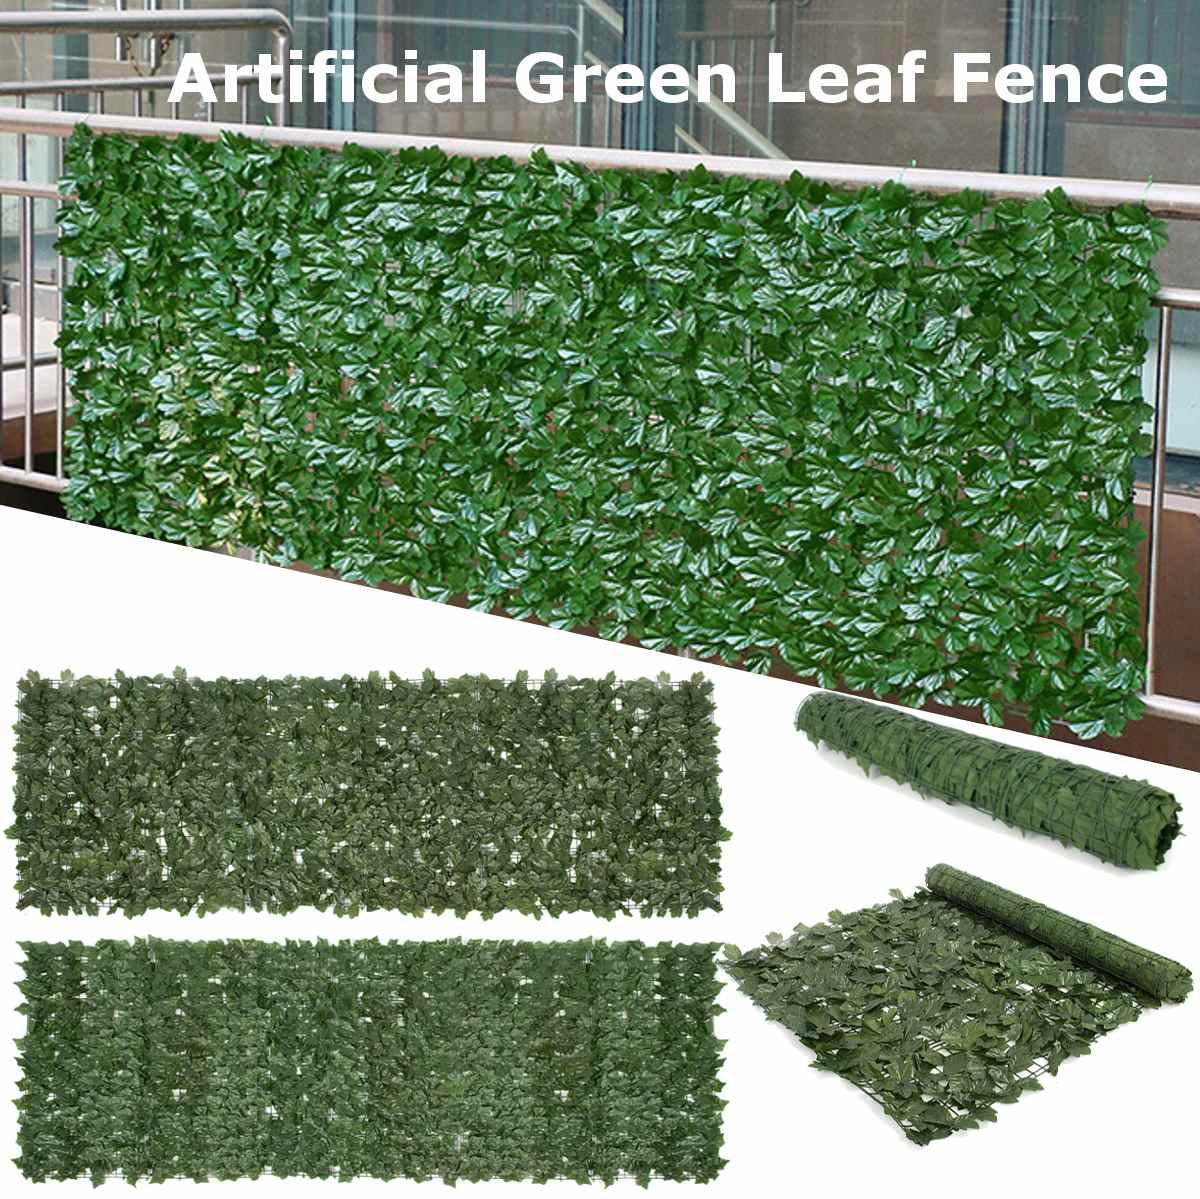 Plantes artificielles clôture décoration jardin cour pour la maison mur aménagement paysager vert fond décor feuille artificielle branche Net